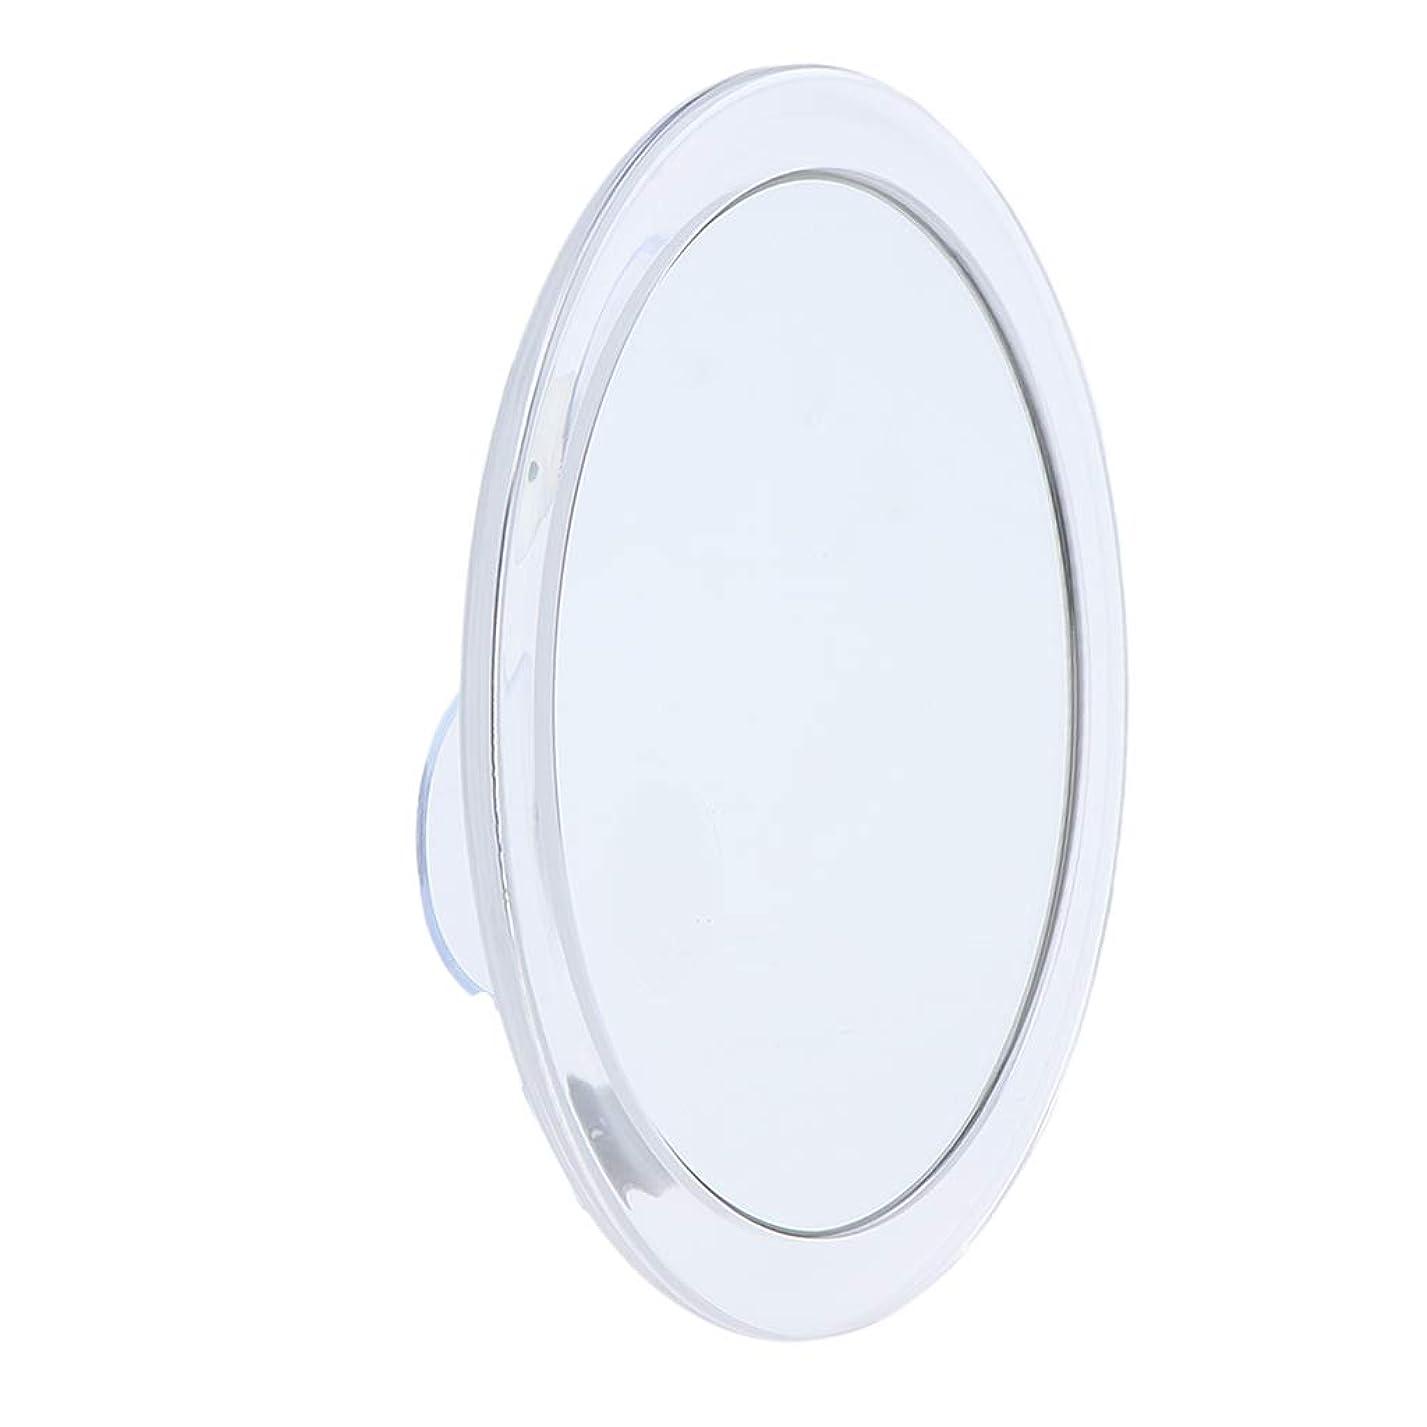 風味逆さまに意味するF Fityle メイクアップミラー 5倍 拡大鏡 サクションカップ ミラー 化粧鏡